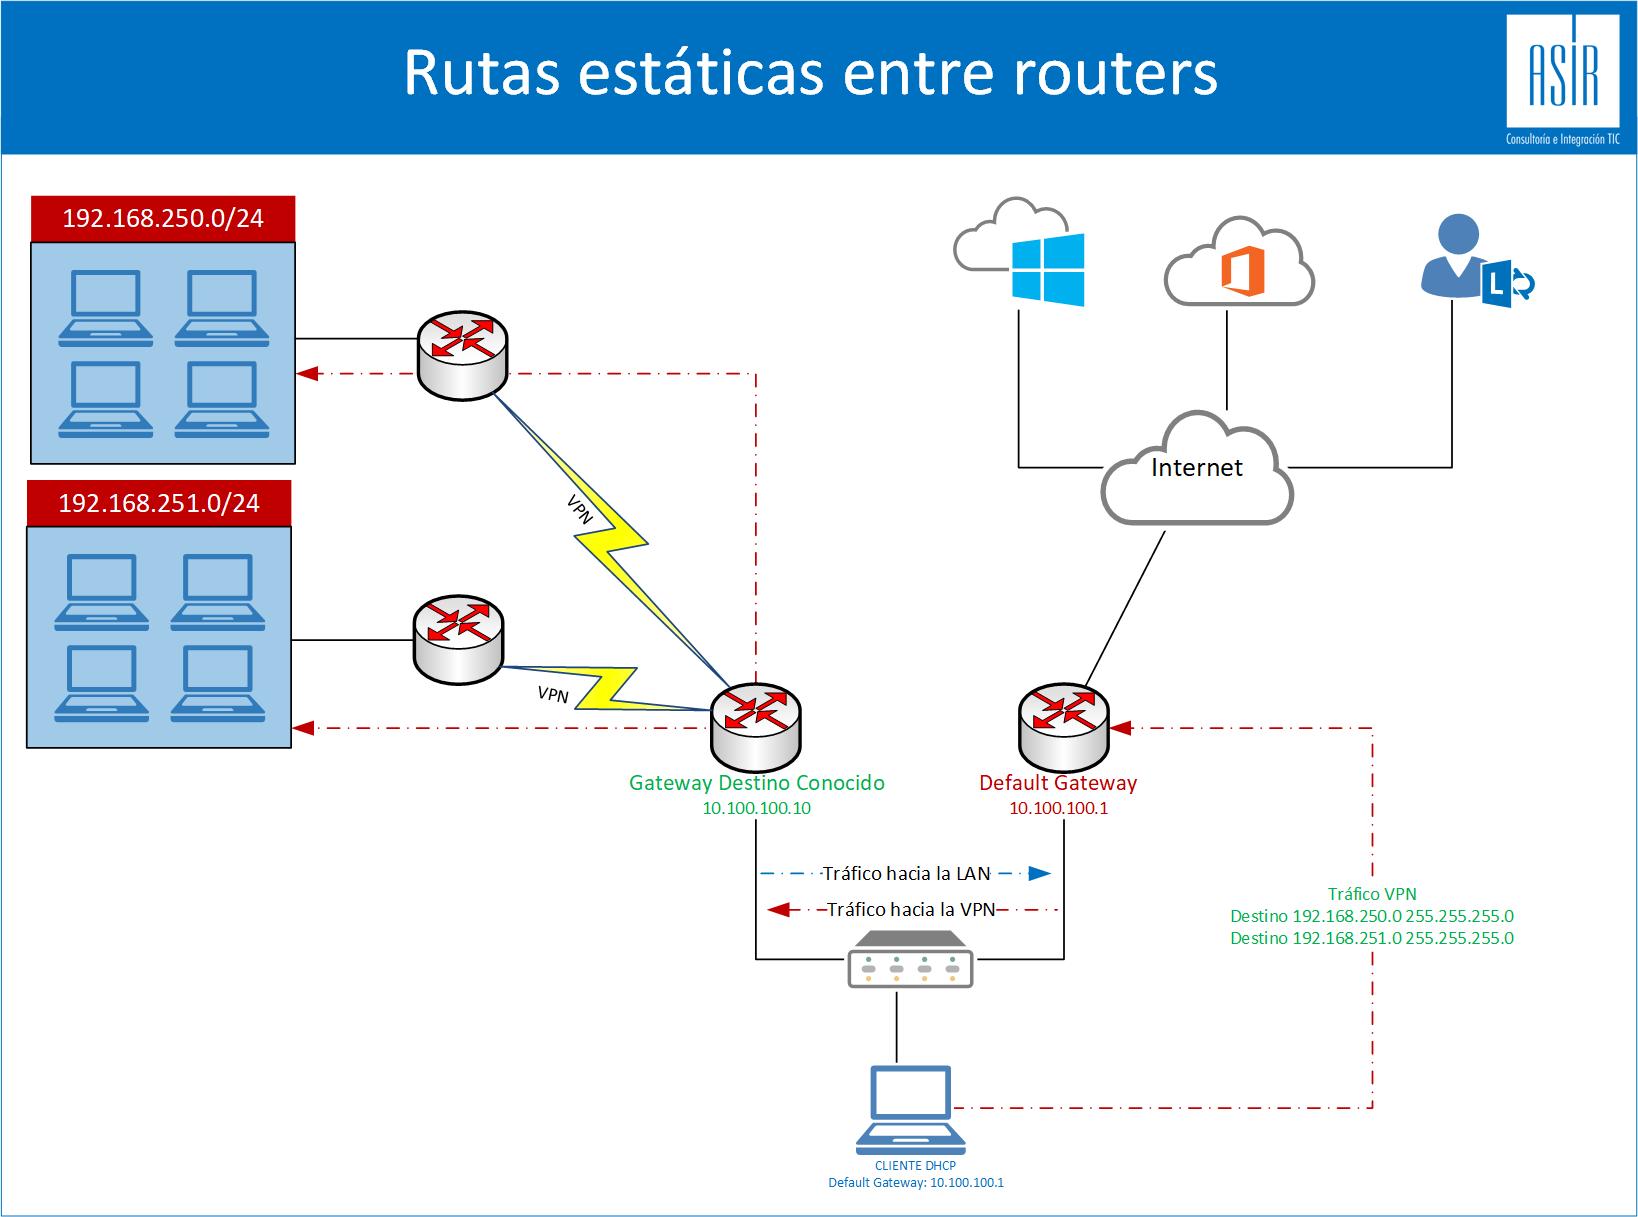 Rutas_Estaticas_DHCP_Router_1.png